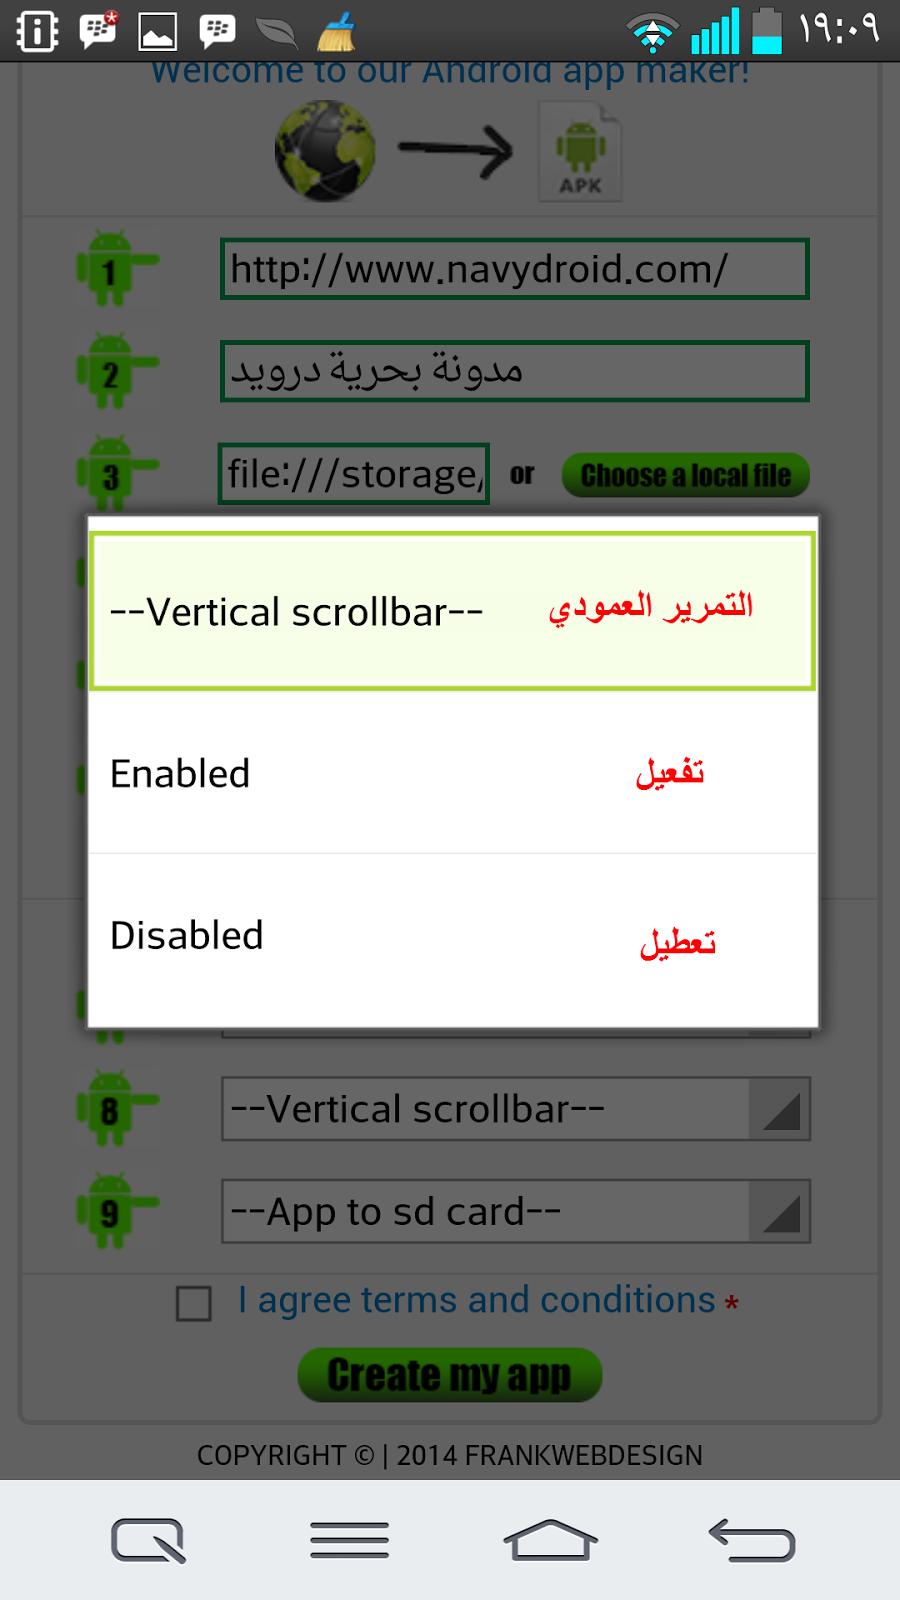 كيفية عمل تطبيق لموقعك على الاندرويد بأسهل طريقة والافضل على الاطلاق Screenshot_2014-02-07-19-09-49